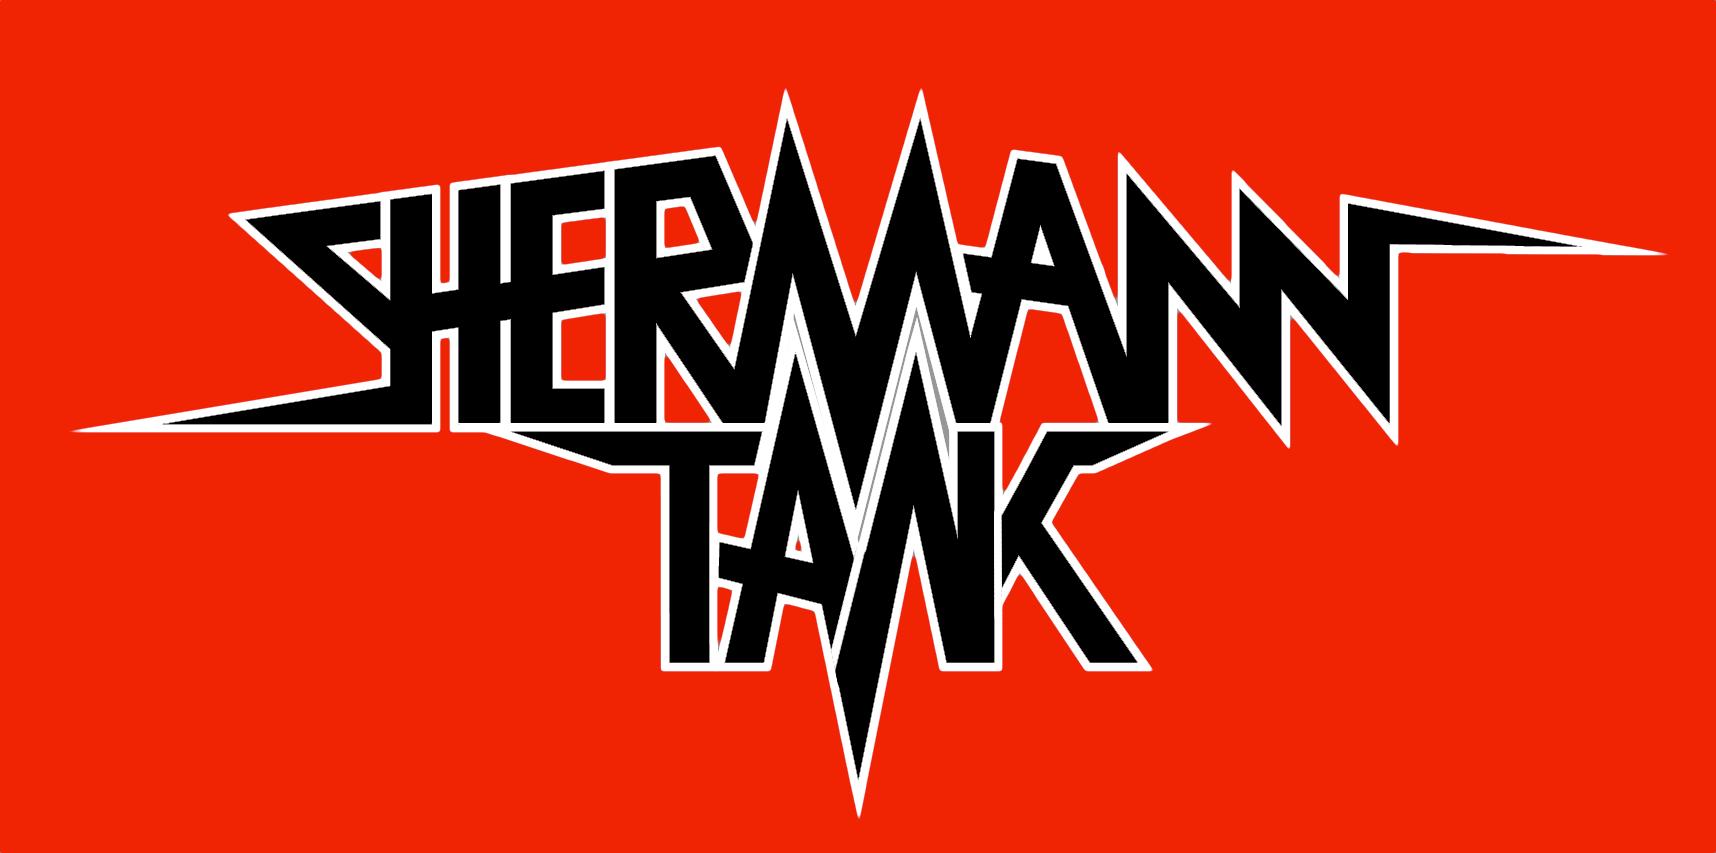 SHERMANN TANK